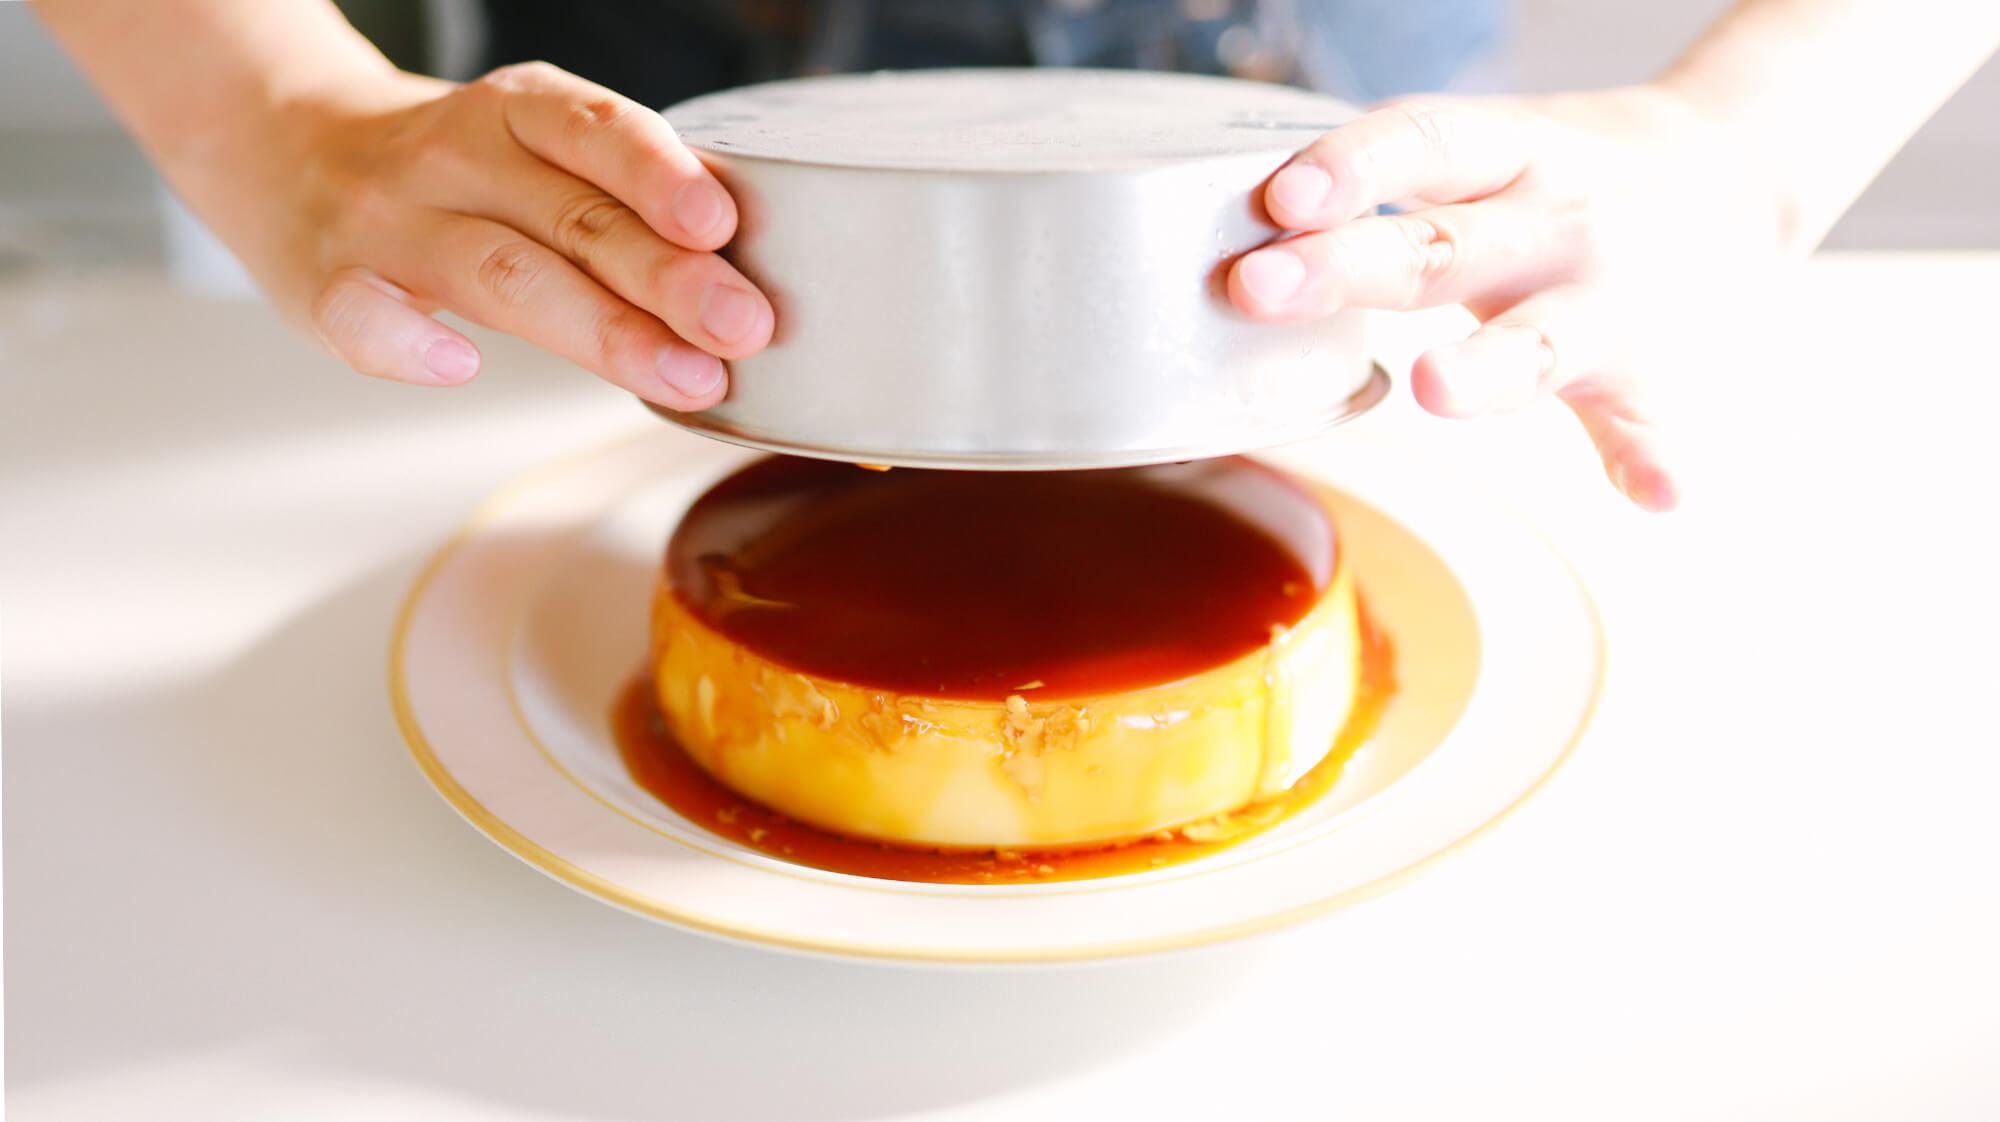 カフェ・レストラン・飲食店用WordPressテンプレート「Minimal Cafe」